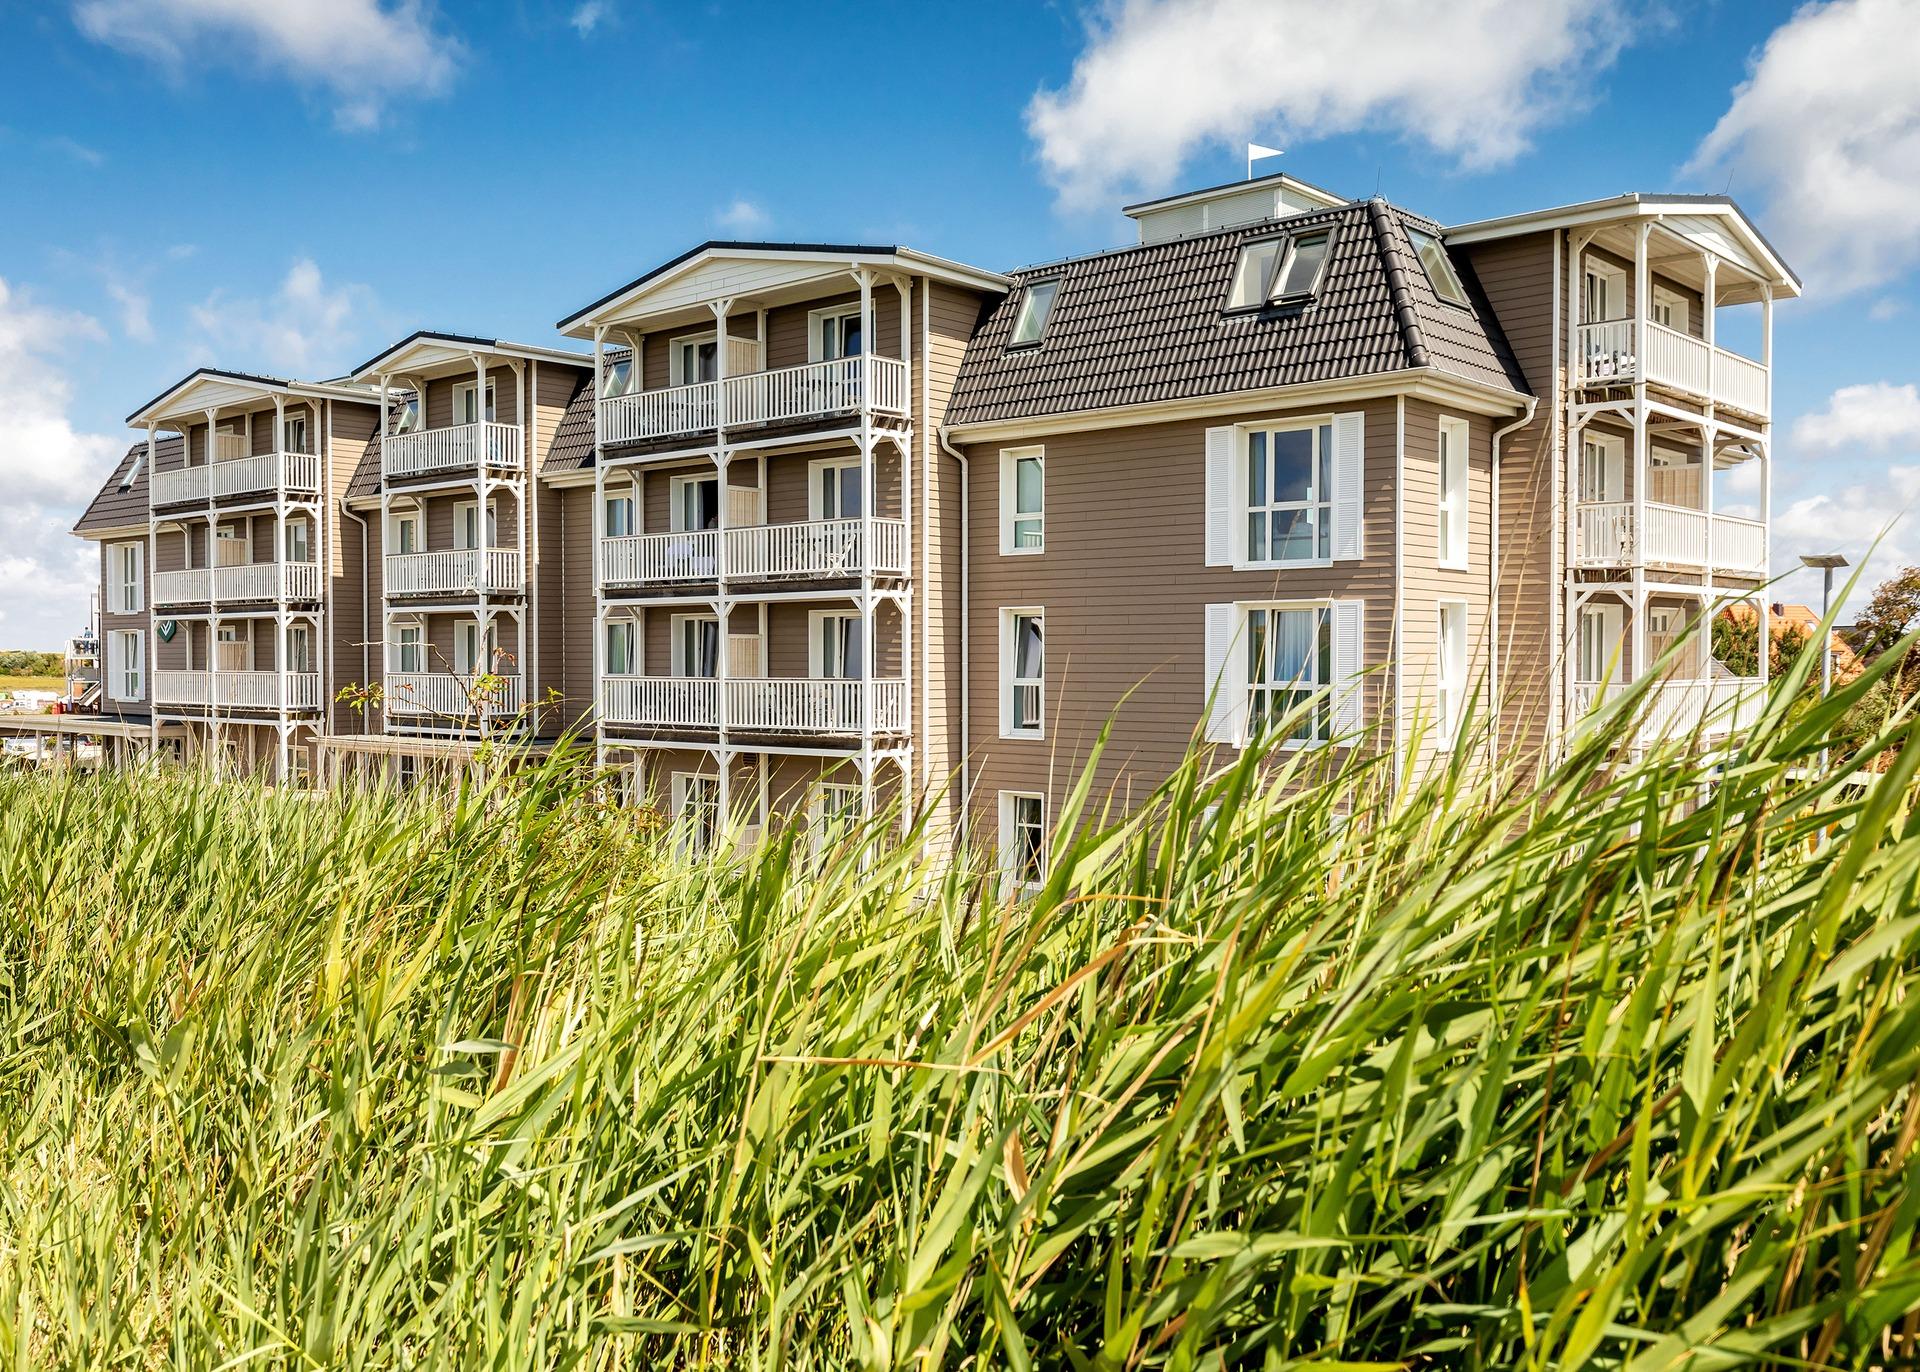 Hotel In St Peter Ording Strandhotel Zweite Heimat